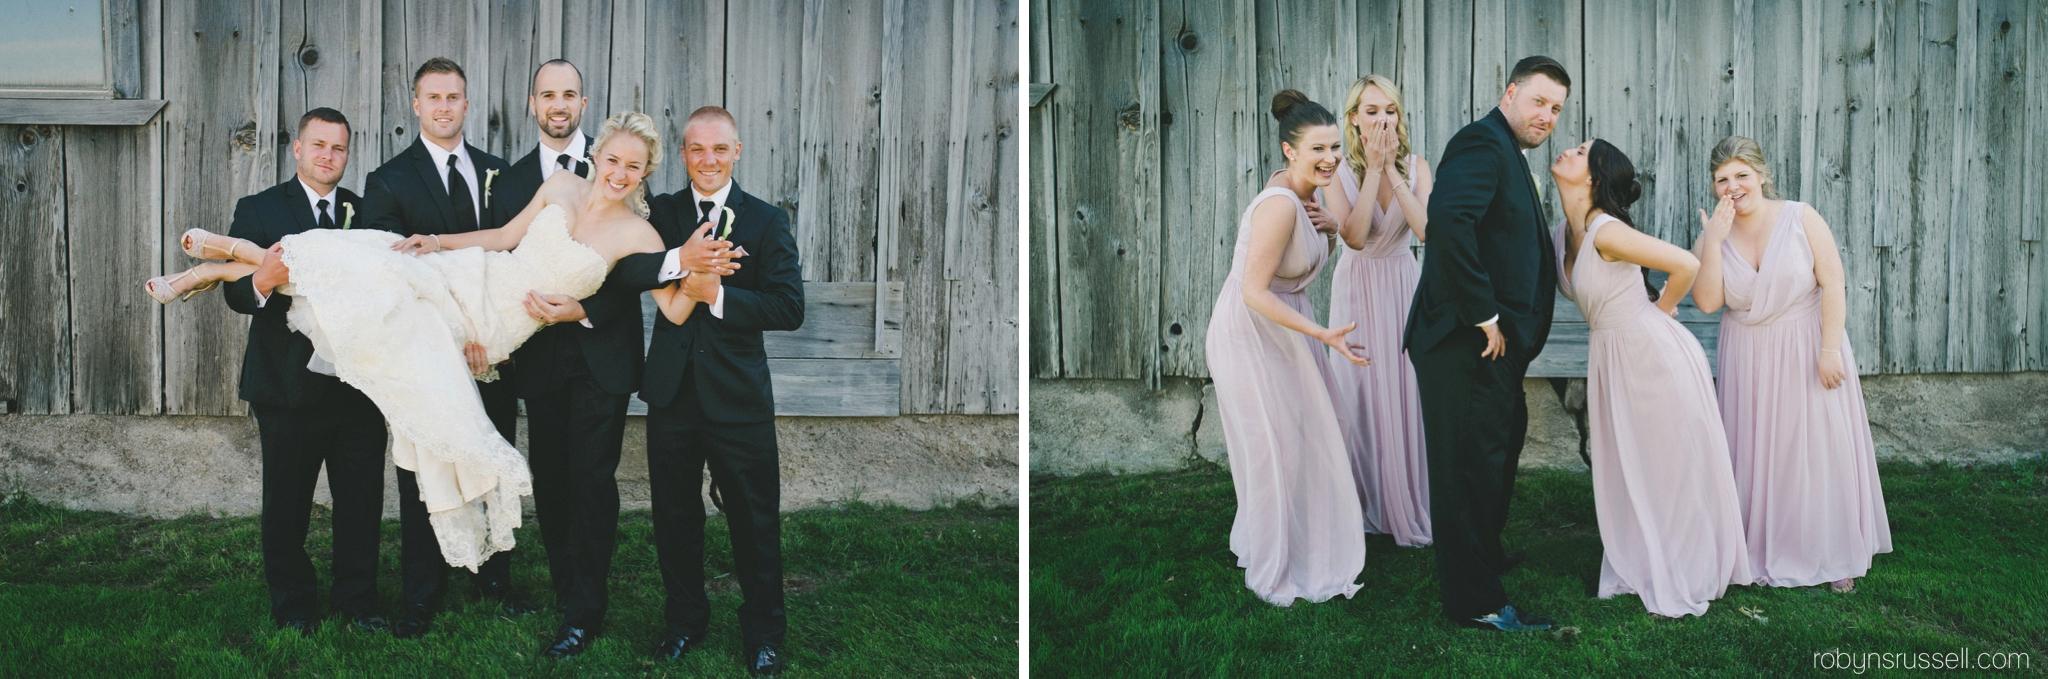 37-bridal-party-having-fun-at-pipers-heath.jpg